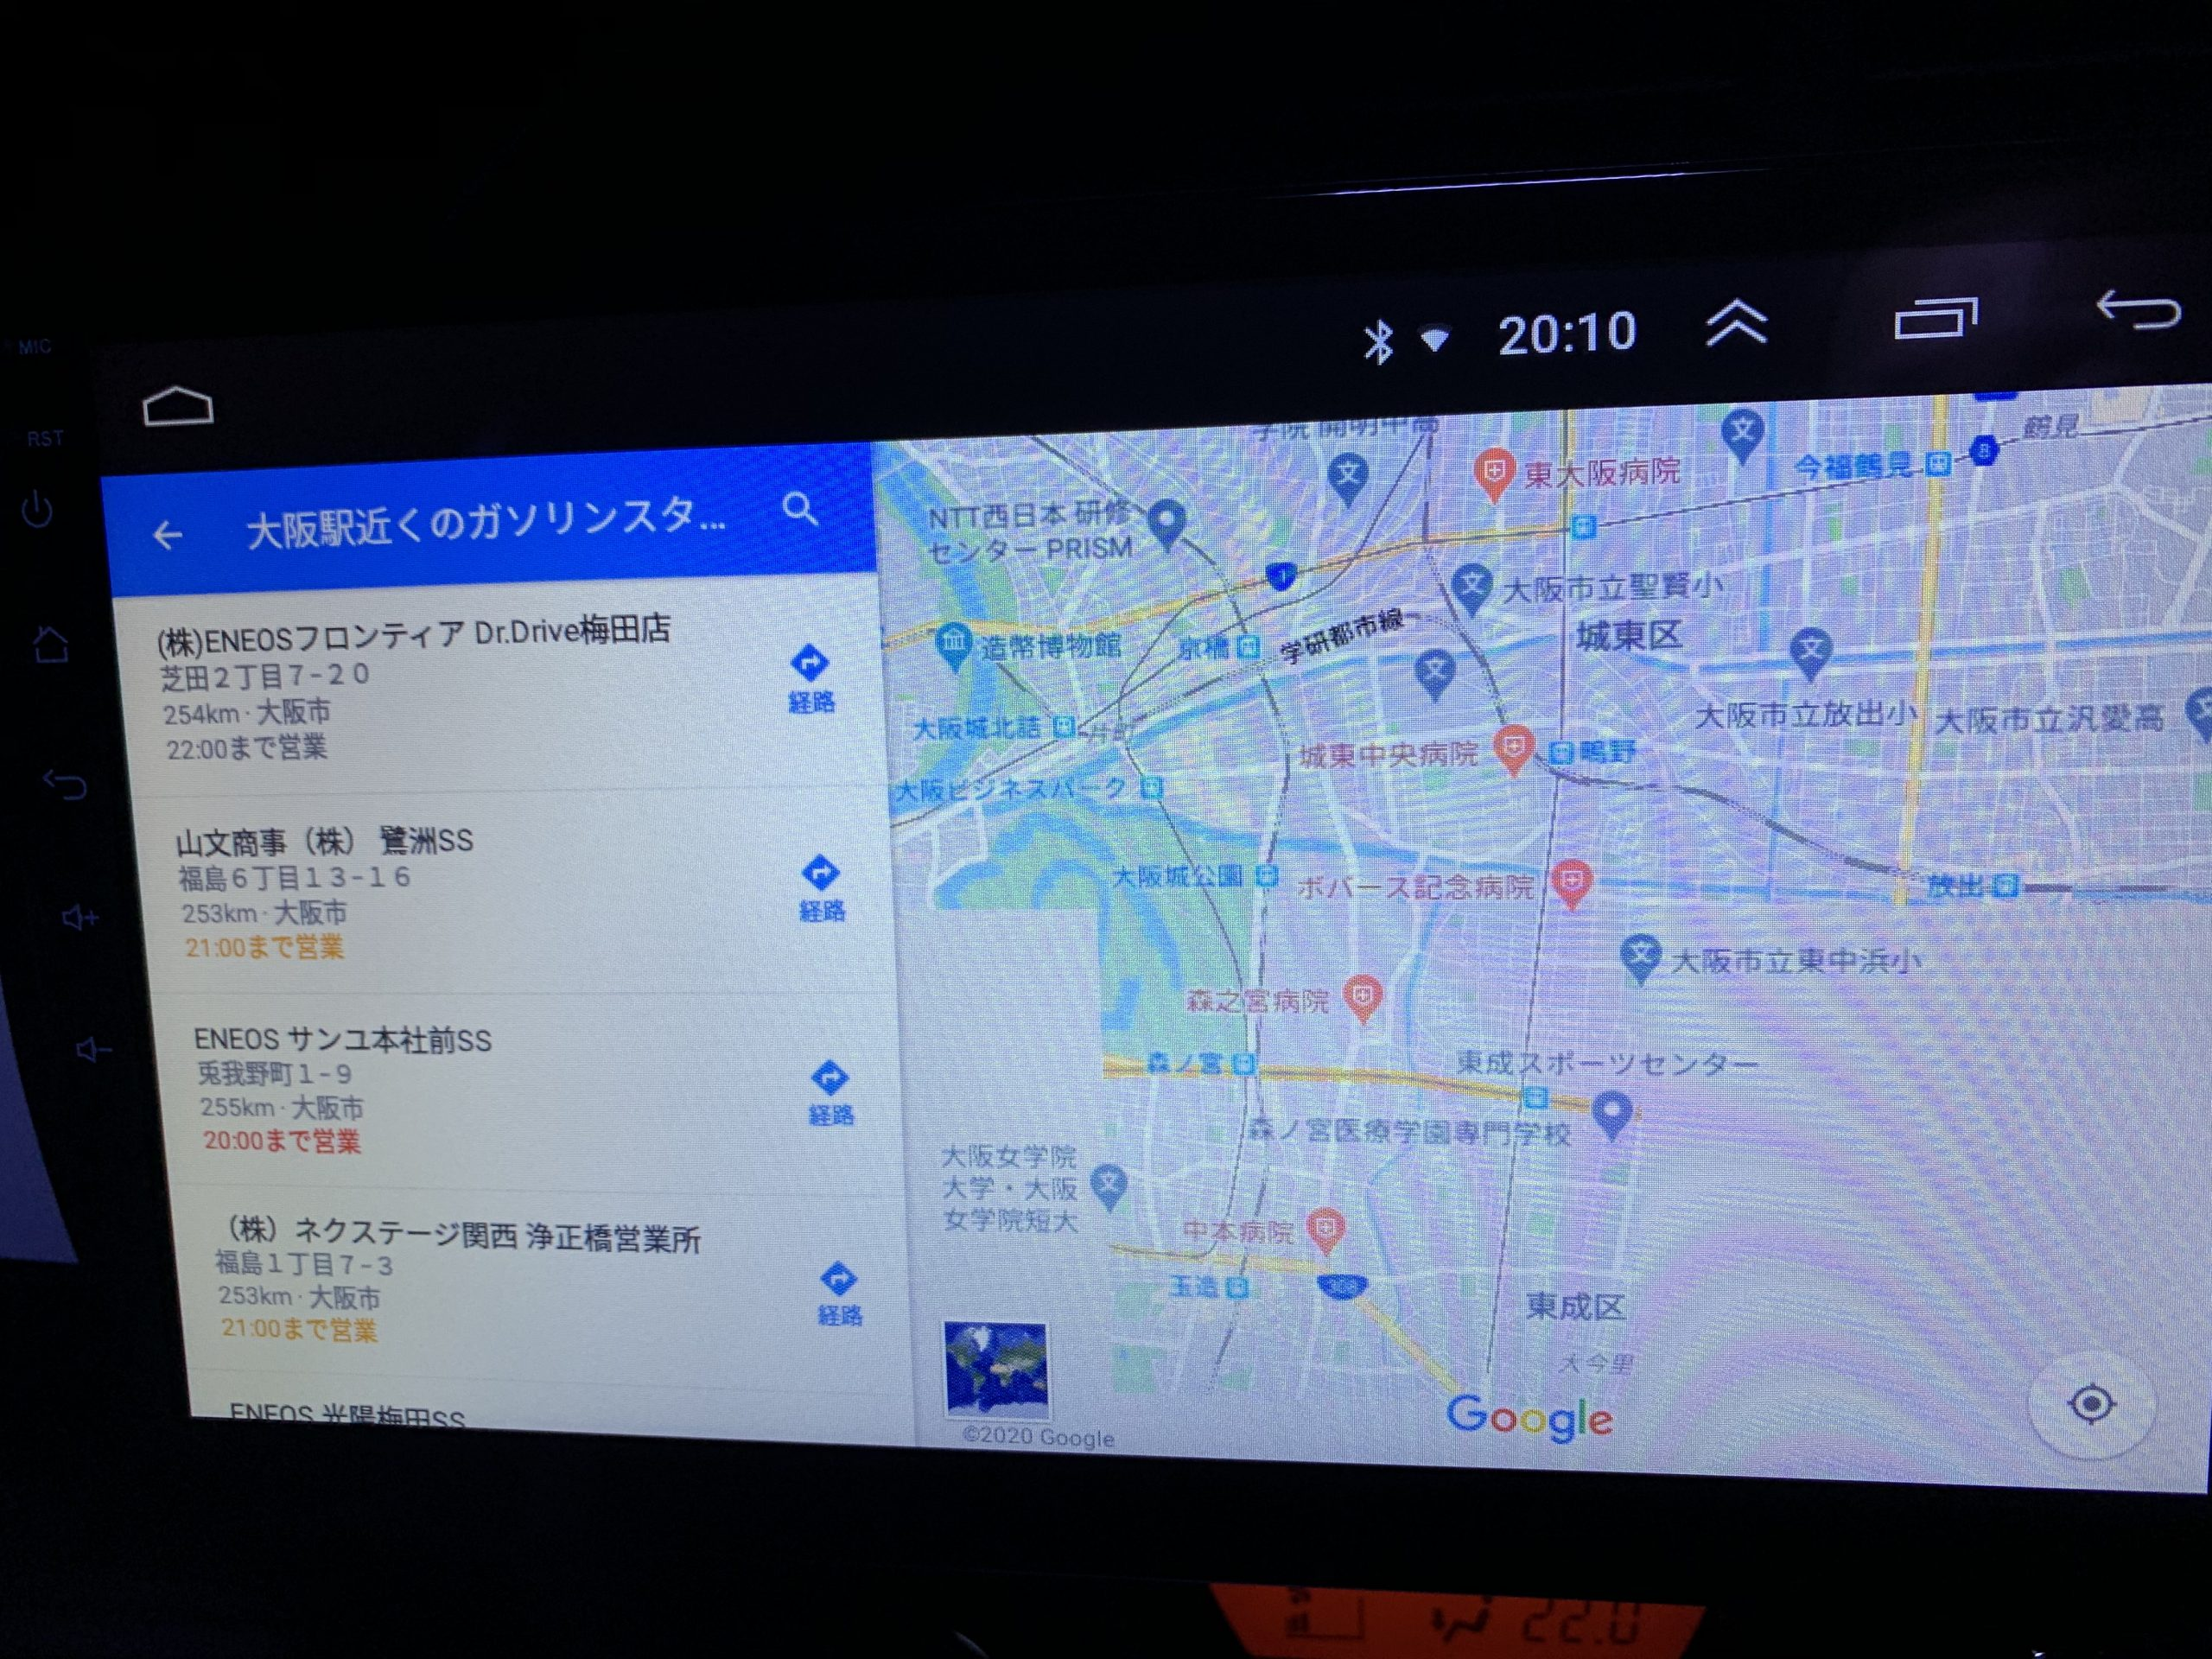 大阪城ホールの近く